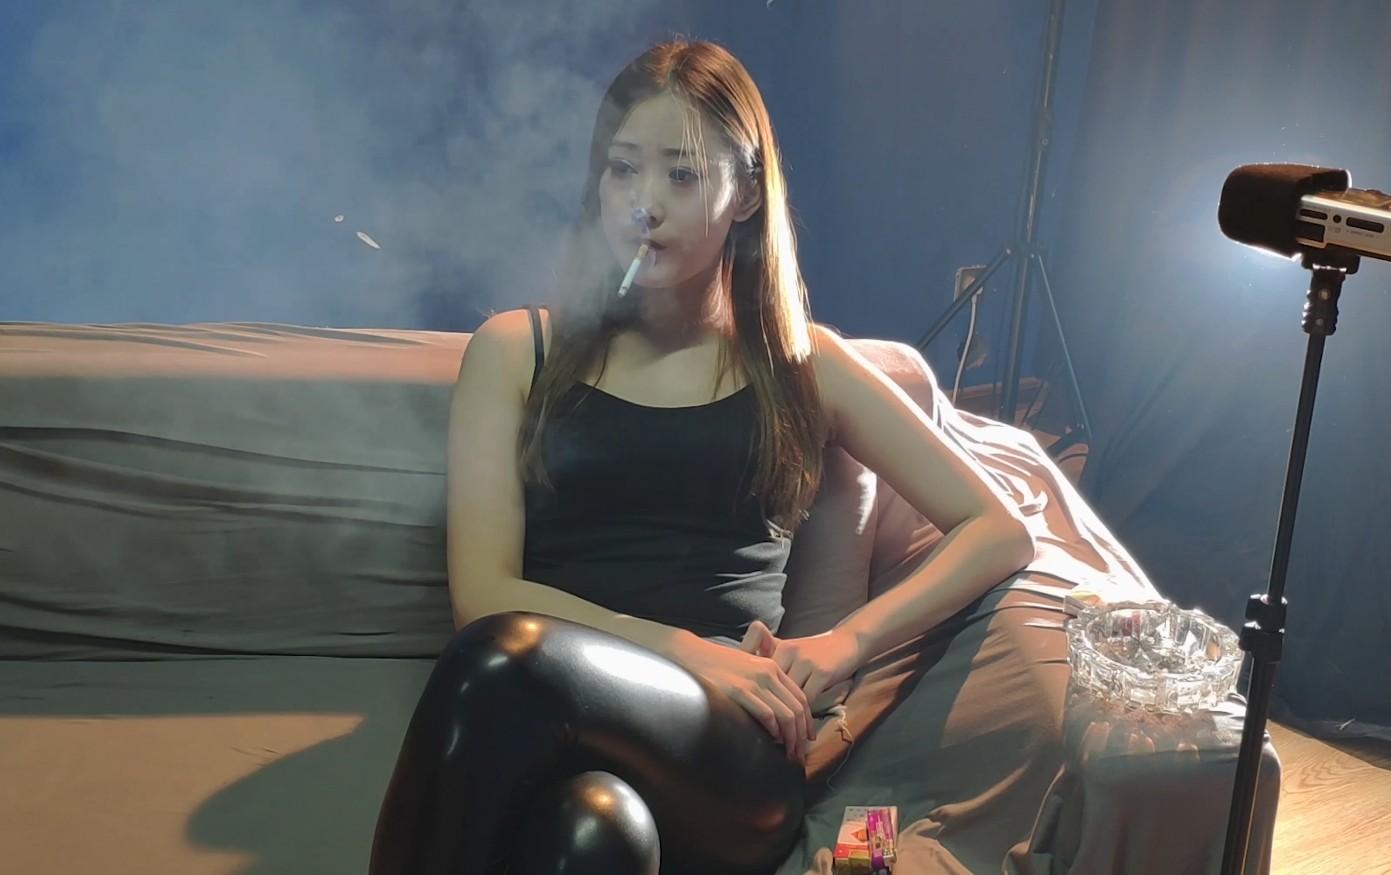 近距离看皮裤美女抽烟是一种什么体验?